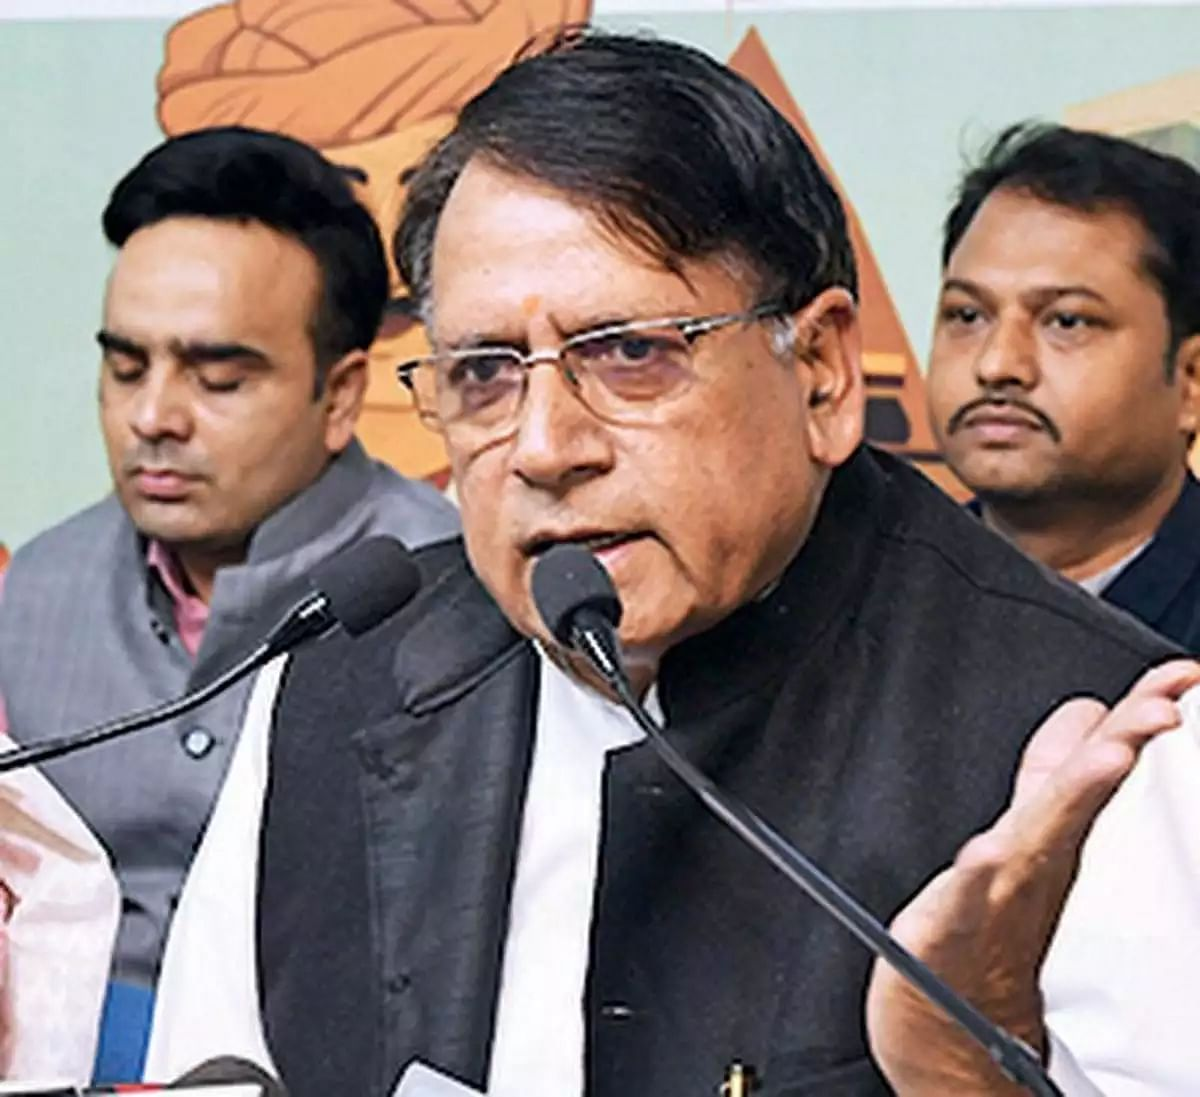 मध्य प्रदेश सरकार दुष्कर्म पीड़िता को 8 लाख रुपए तक की मदद देगी